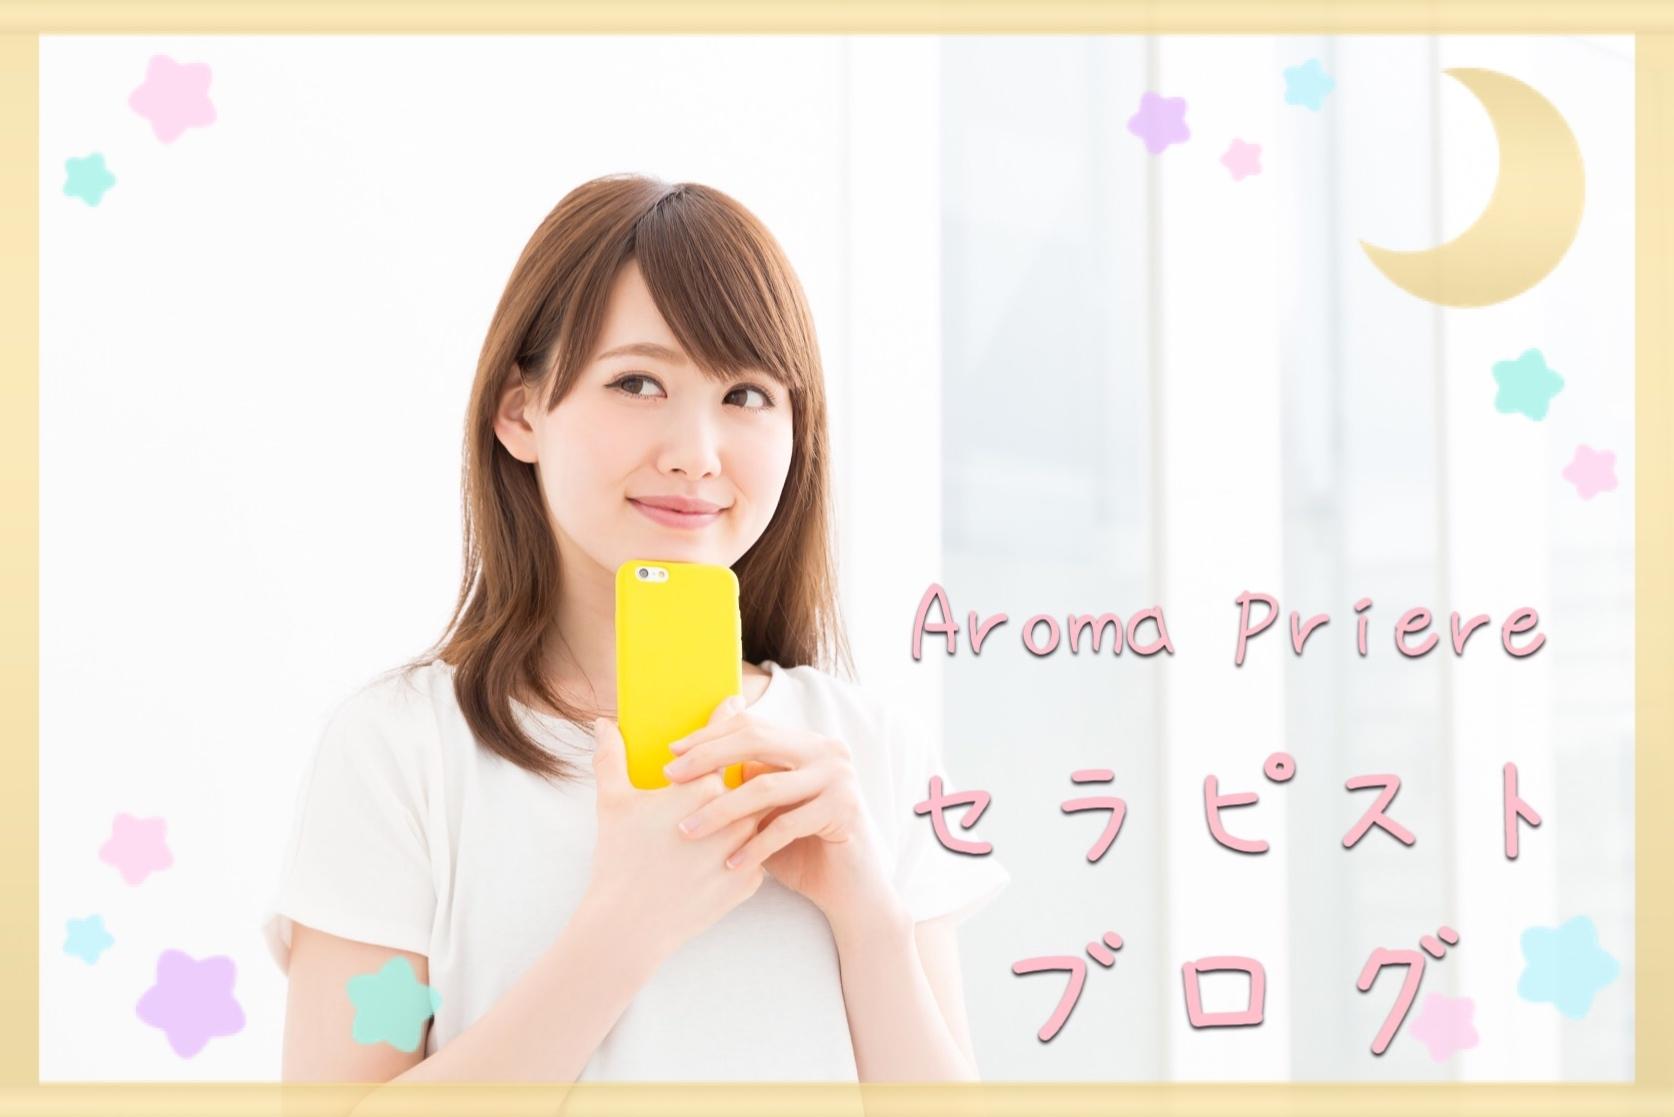 アロマプリエール - Aroma Priere 宇都宮店